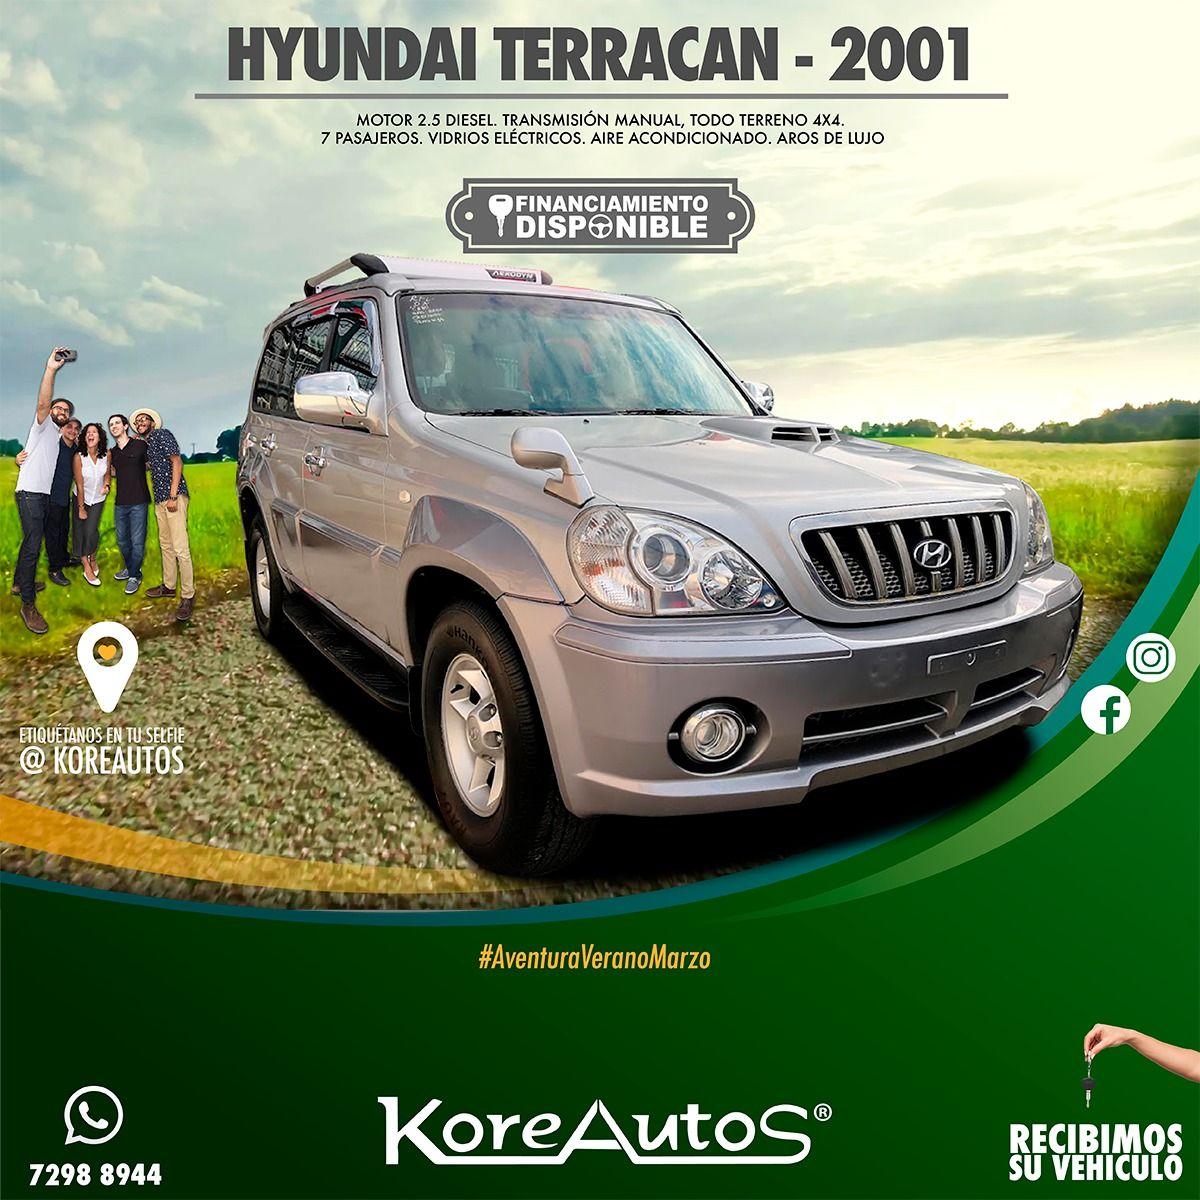 Hyundai Hyundai, Vehicles